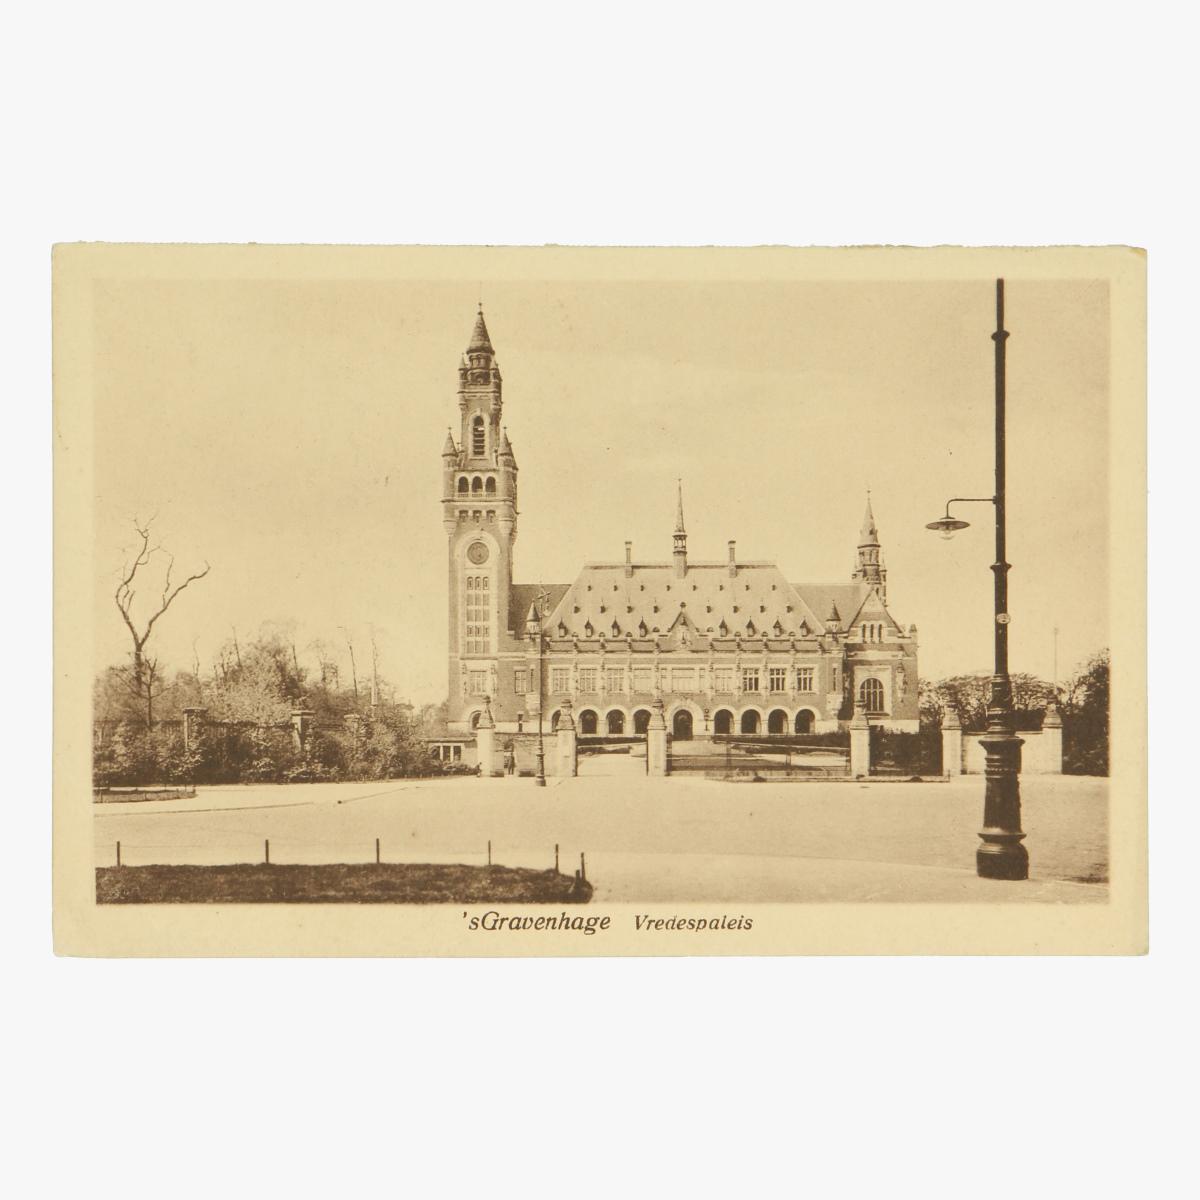 Afbeeldingen van 's Gravenhage Vredespaleis Postkaart Nr. 3 Uitgeverij Artur Klitzsch Den Haag